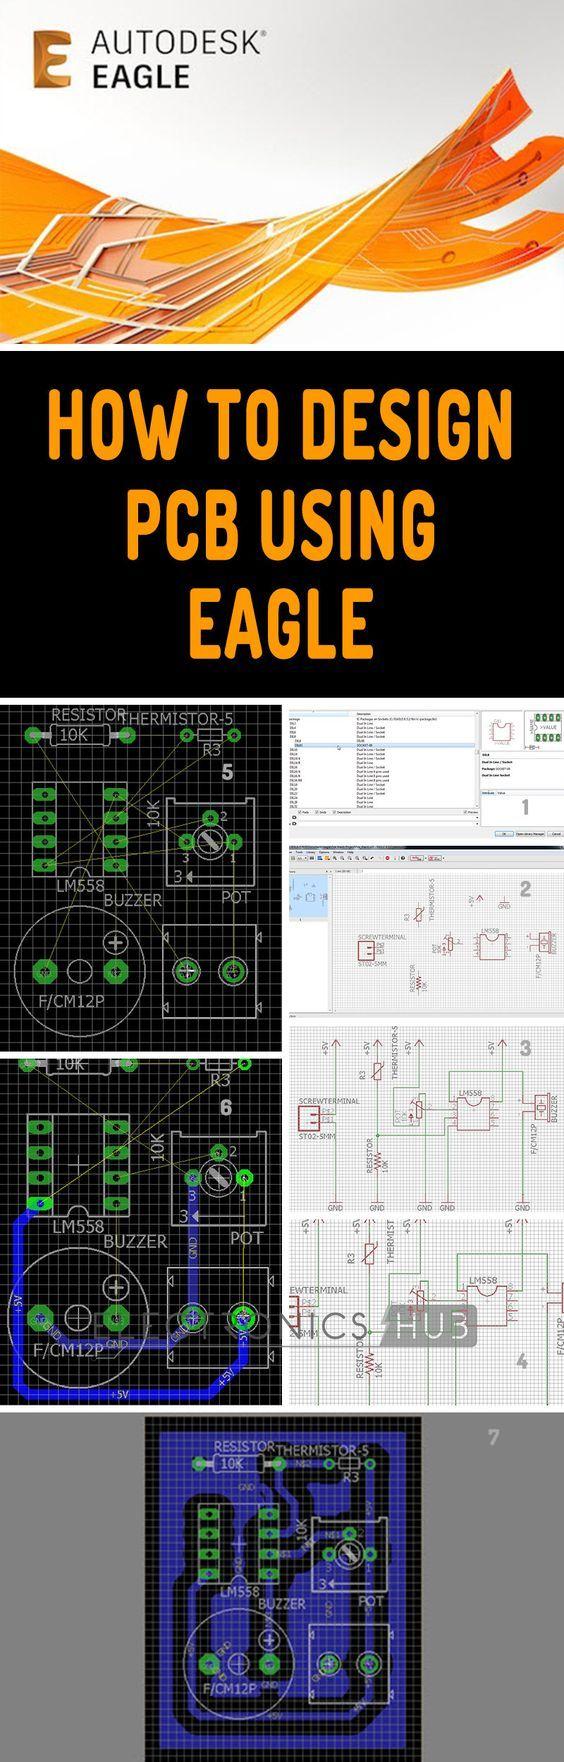 Die besten 25+ Eagle software Ideen auf Pinterest   Adler ...